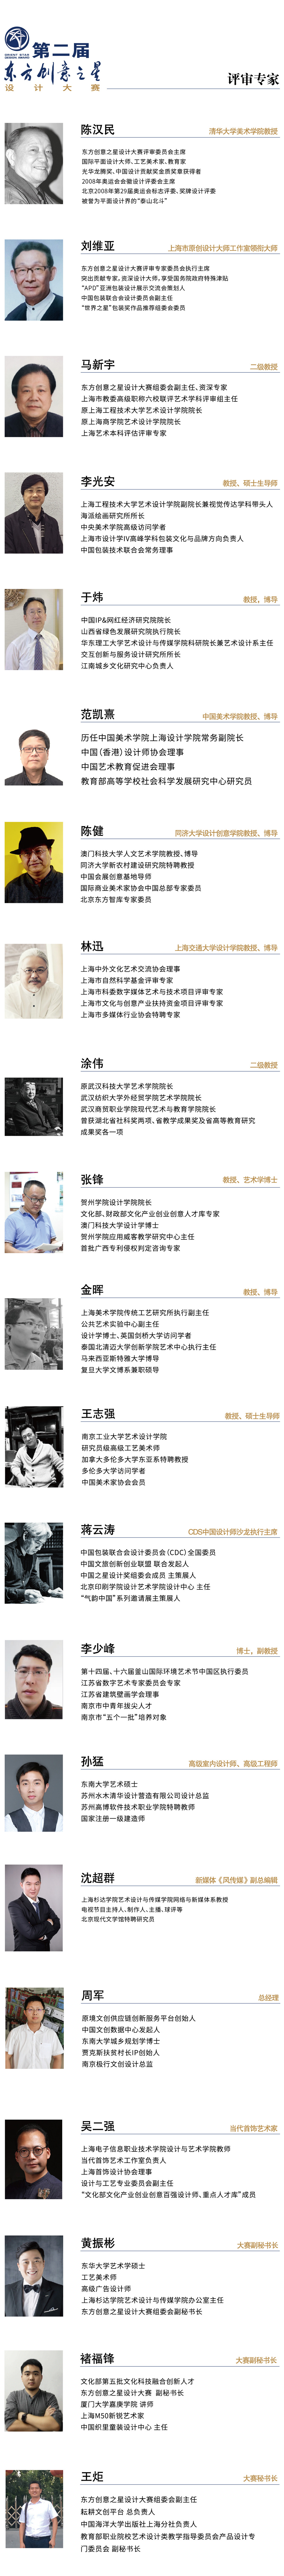 第二届 新闻发布专家简介 调整 -01.jpg